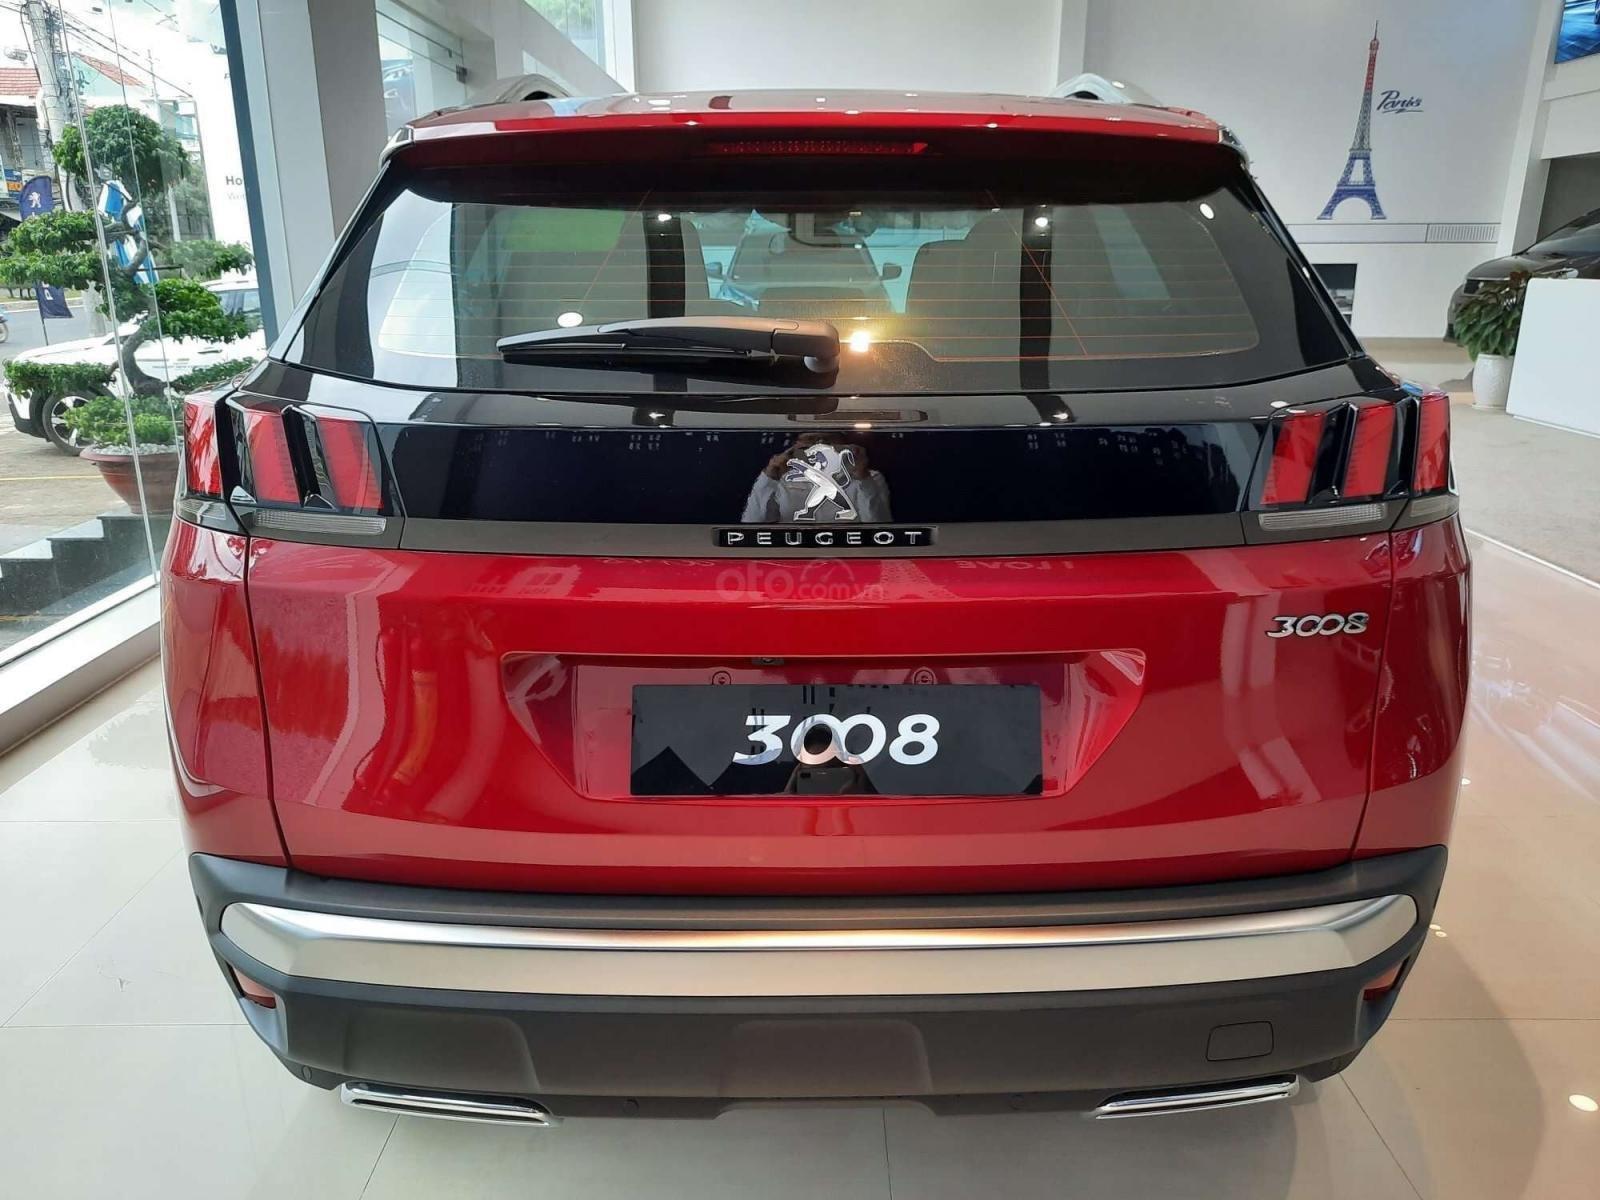 """Peugeot 5008 đủ màu """" đặc biệt có màu đỏ Utimate Red"""" giao xe ngay, hỗ trợ ngân hàng, tư vấn lái thử tân nhà (2)"""